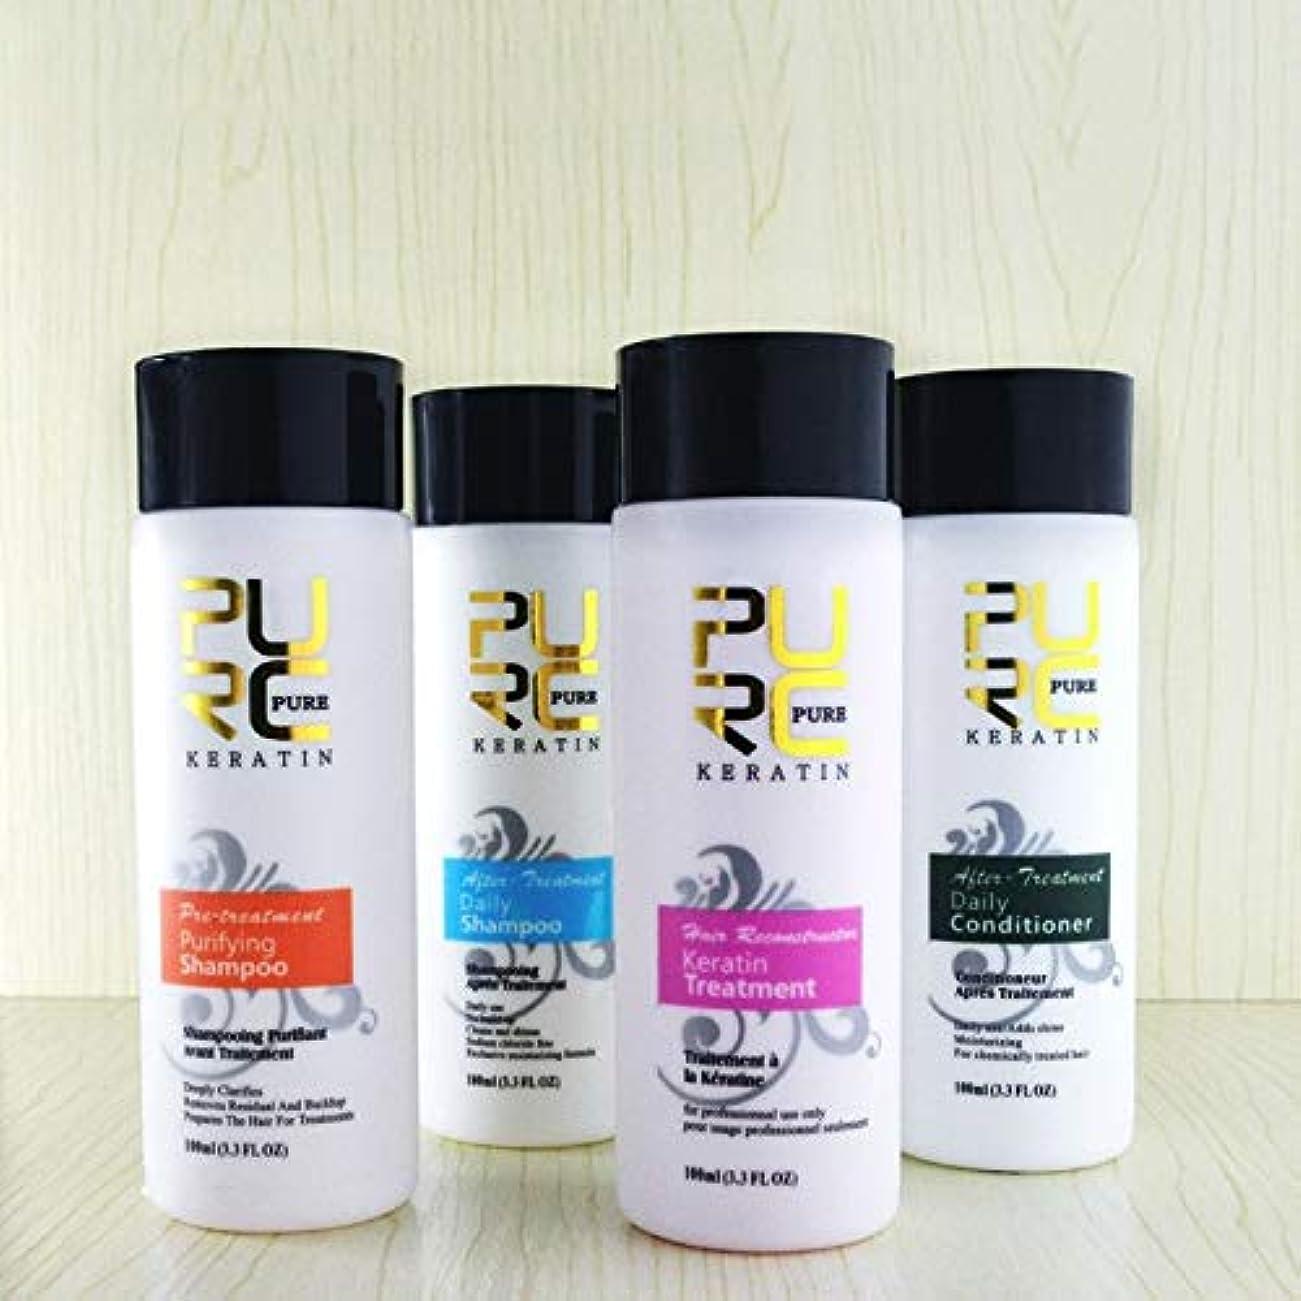 布言い直すバングSET of 4 for Hair Care Brazilian keratin treatment - 100ml 5% formalin keratin + 100ml purifying shampoo + 100ml daily shampoo + 100ml daily conditioner (ヘアケアブラジルケラチン治療のための4のセット - 100ml 5%ホルマリンケラチン+ 100ml浄化シャンプー+ 100ml毎日シャンプー+ 100ml毎日コンディショナー)